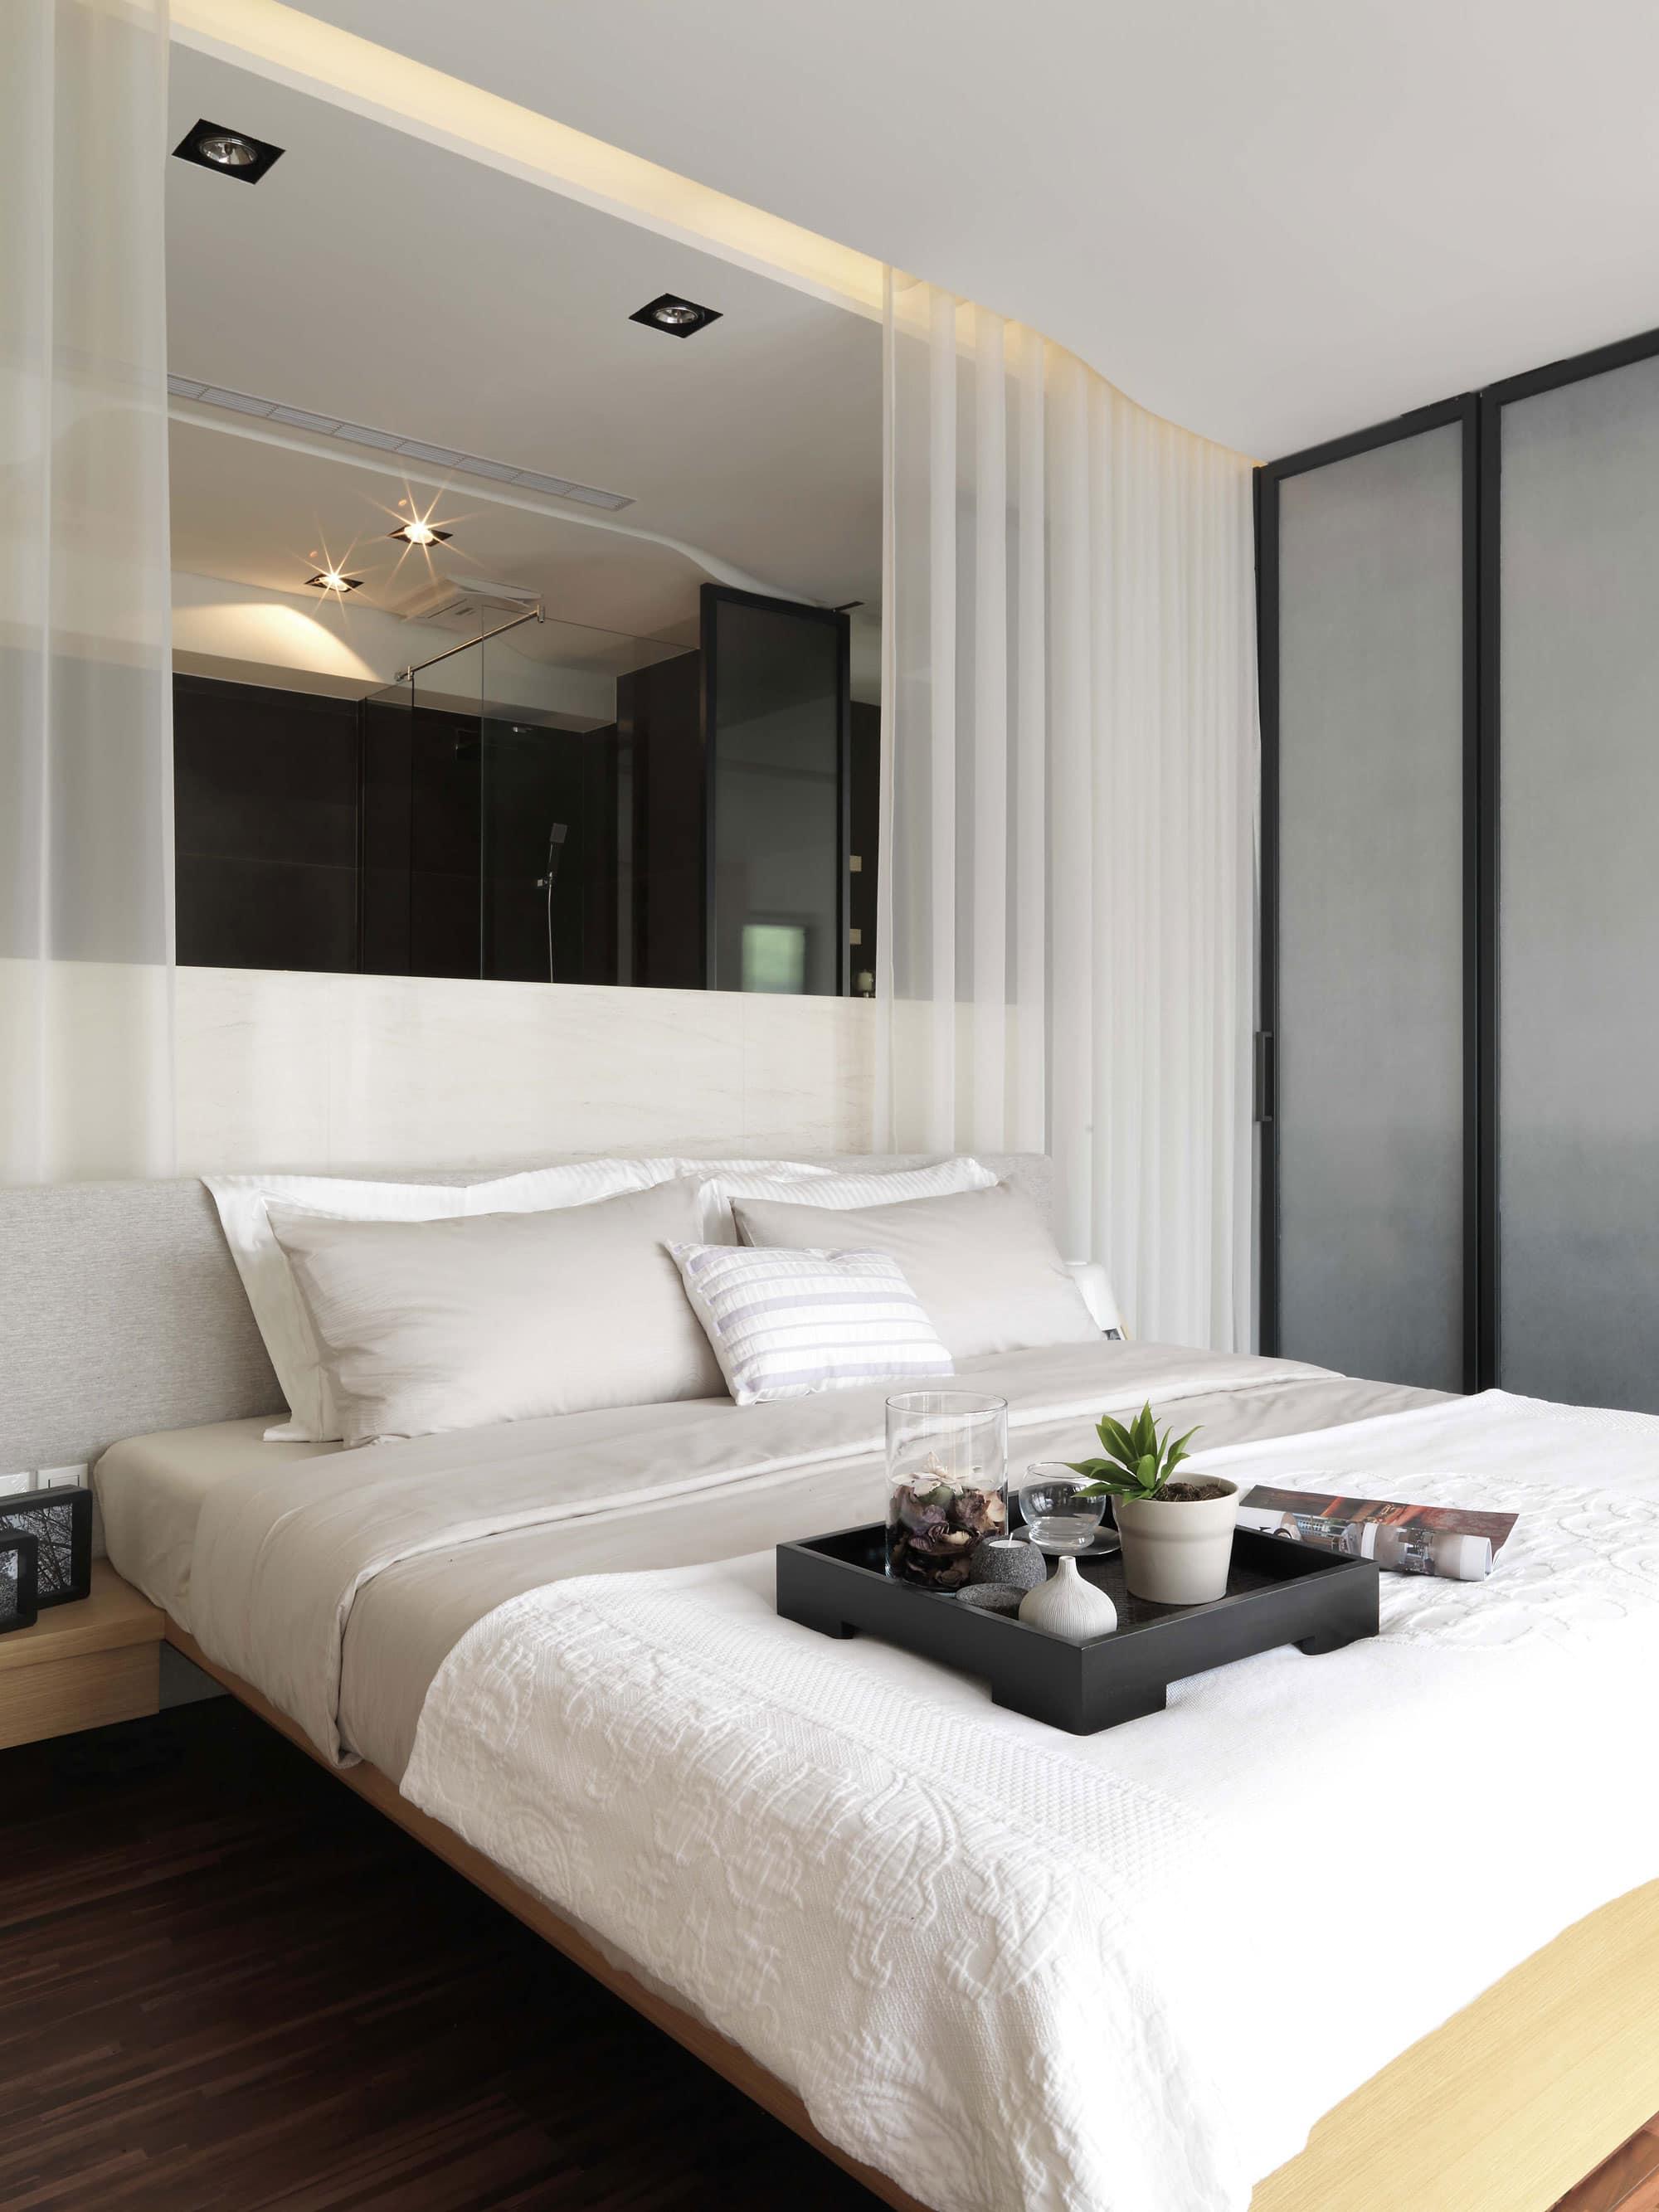 Image Result For Muebles Para Dormitorio Peque O